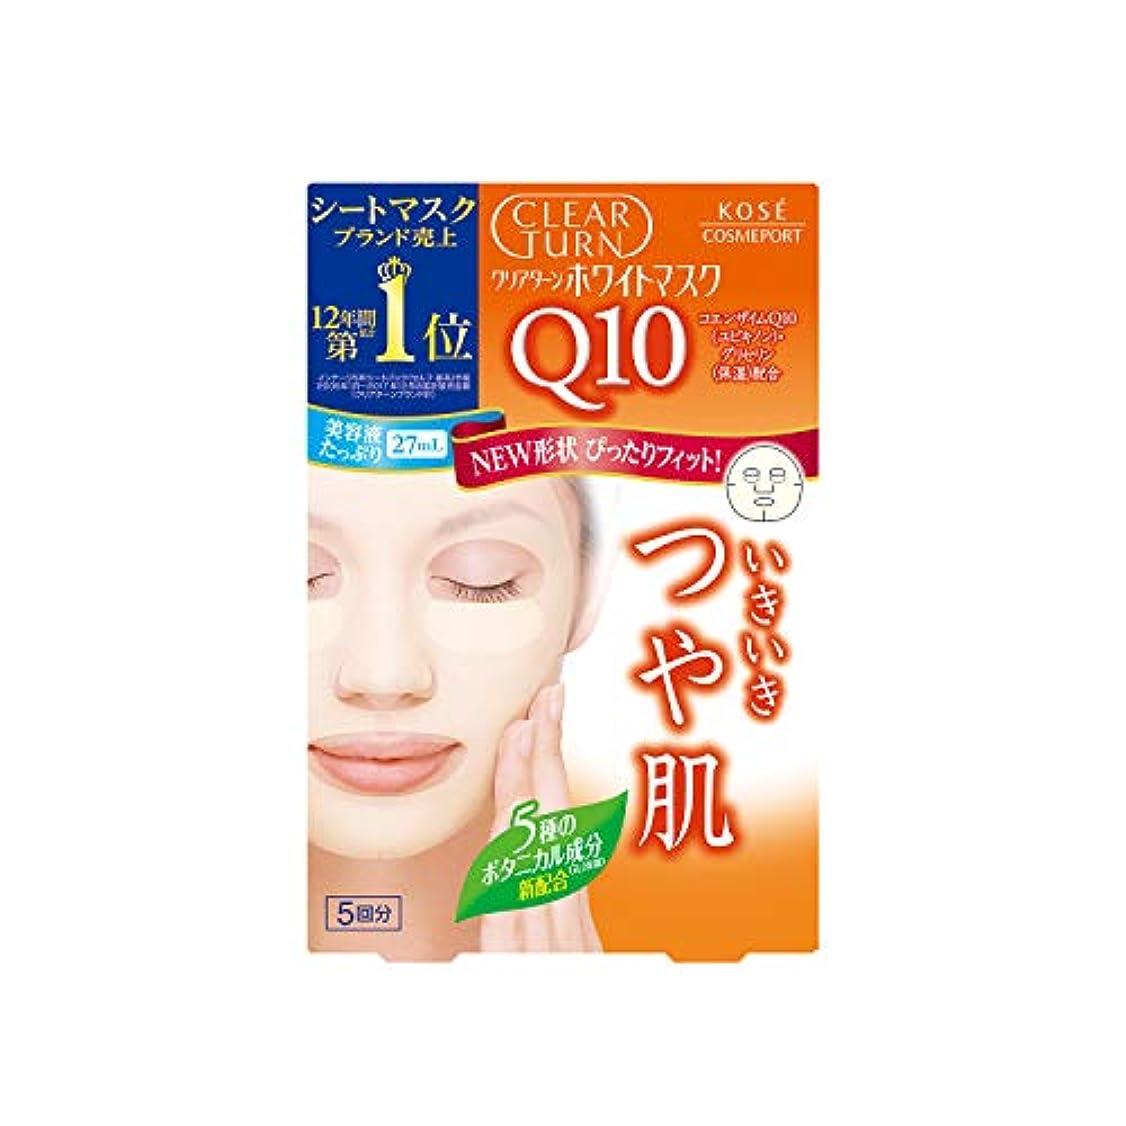 受取人出血生きるKOSE クリアターン ホワイト マスク Q10 c (コエンザイムQ10) 5回分 (22mL×5)